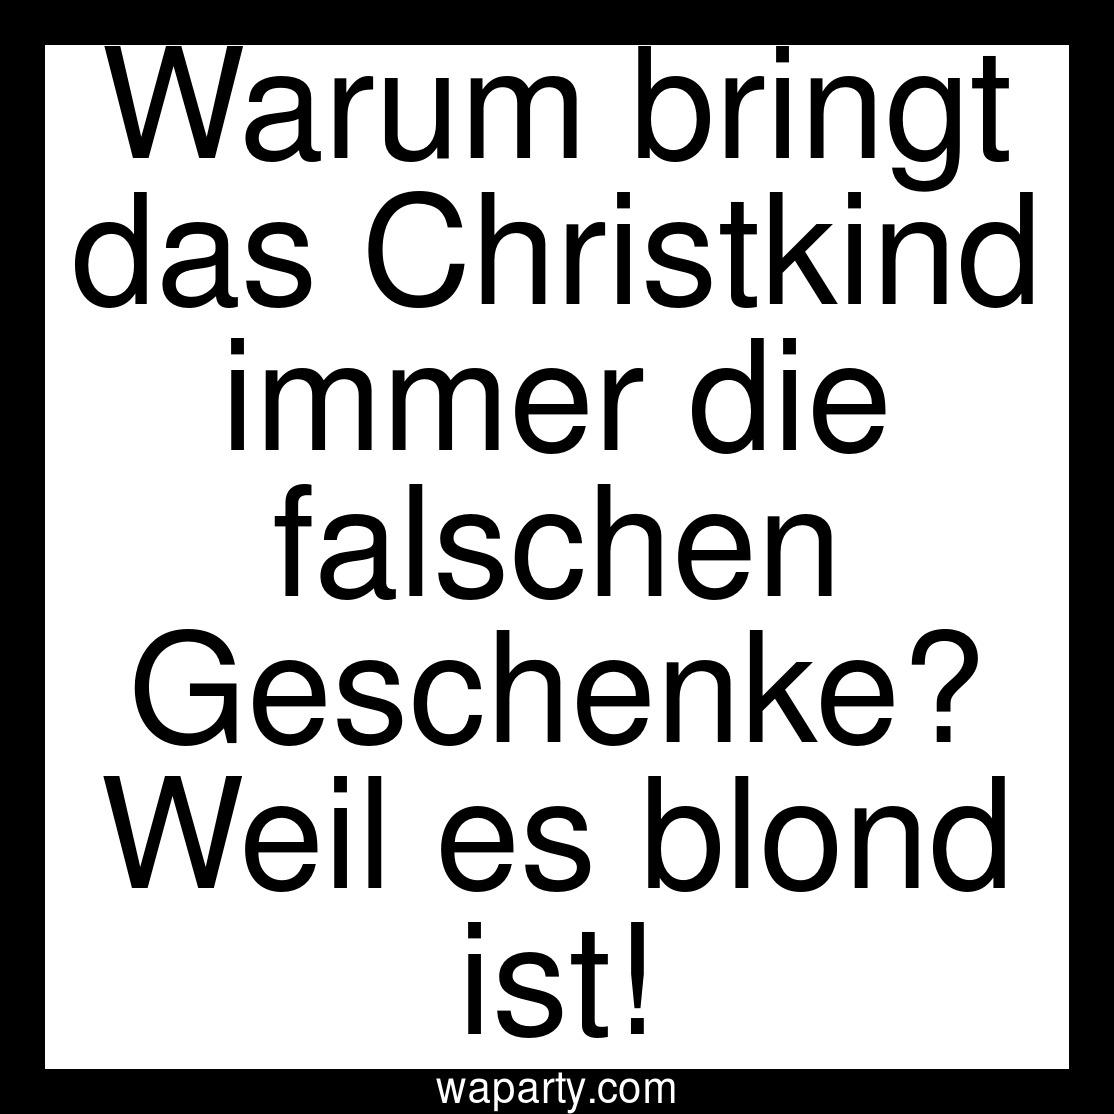 Warum bringt das Christkind immer die falschen Geschenke? Weil es blond ist!